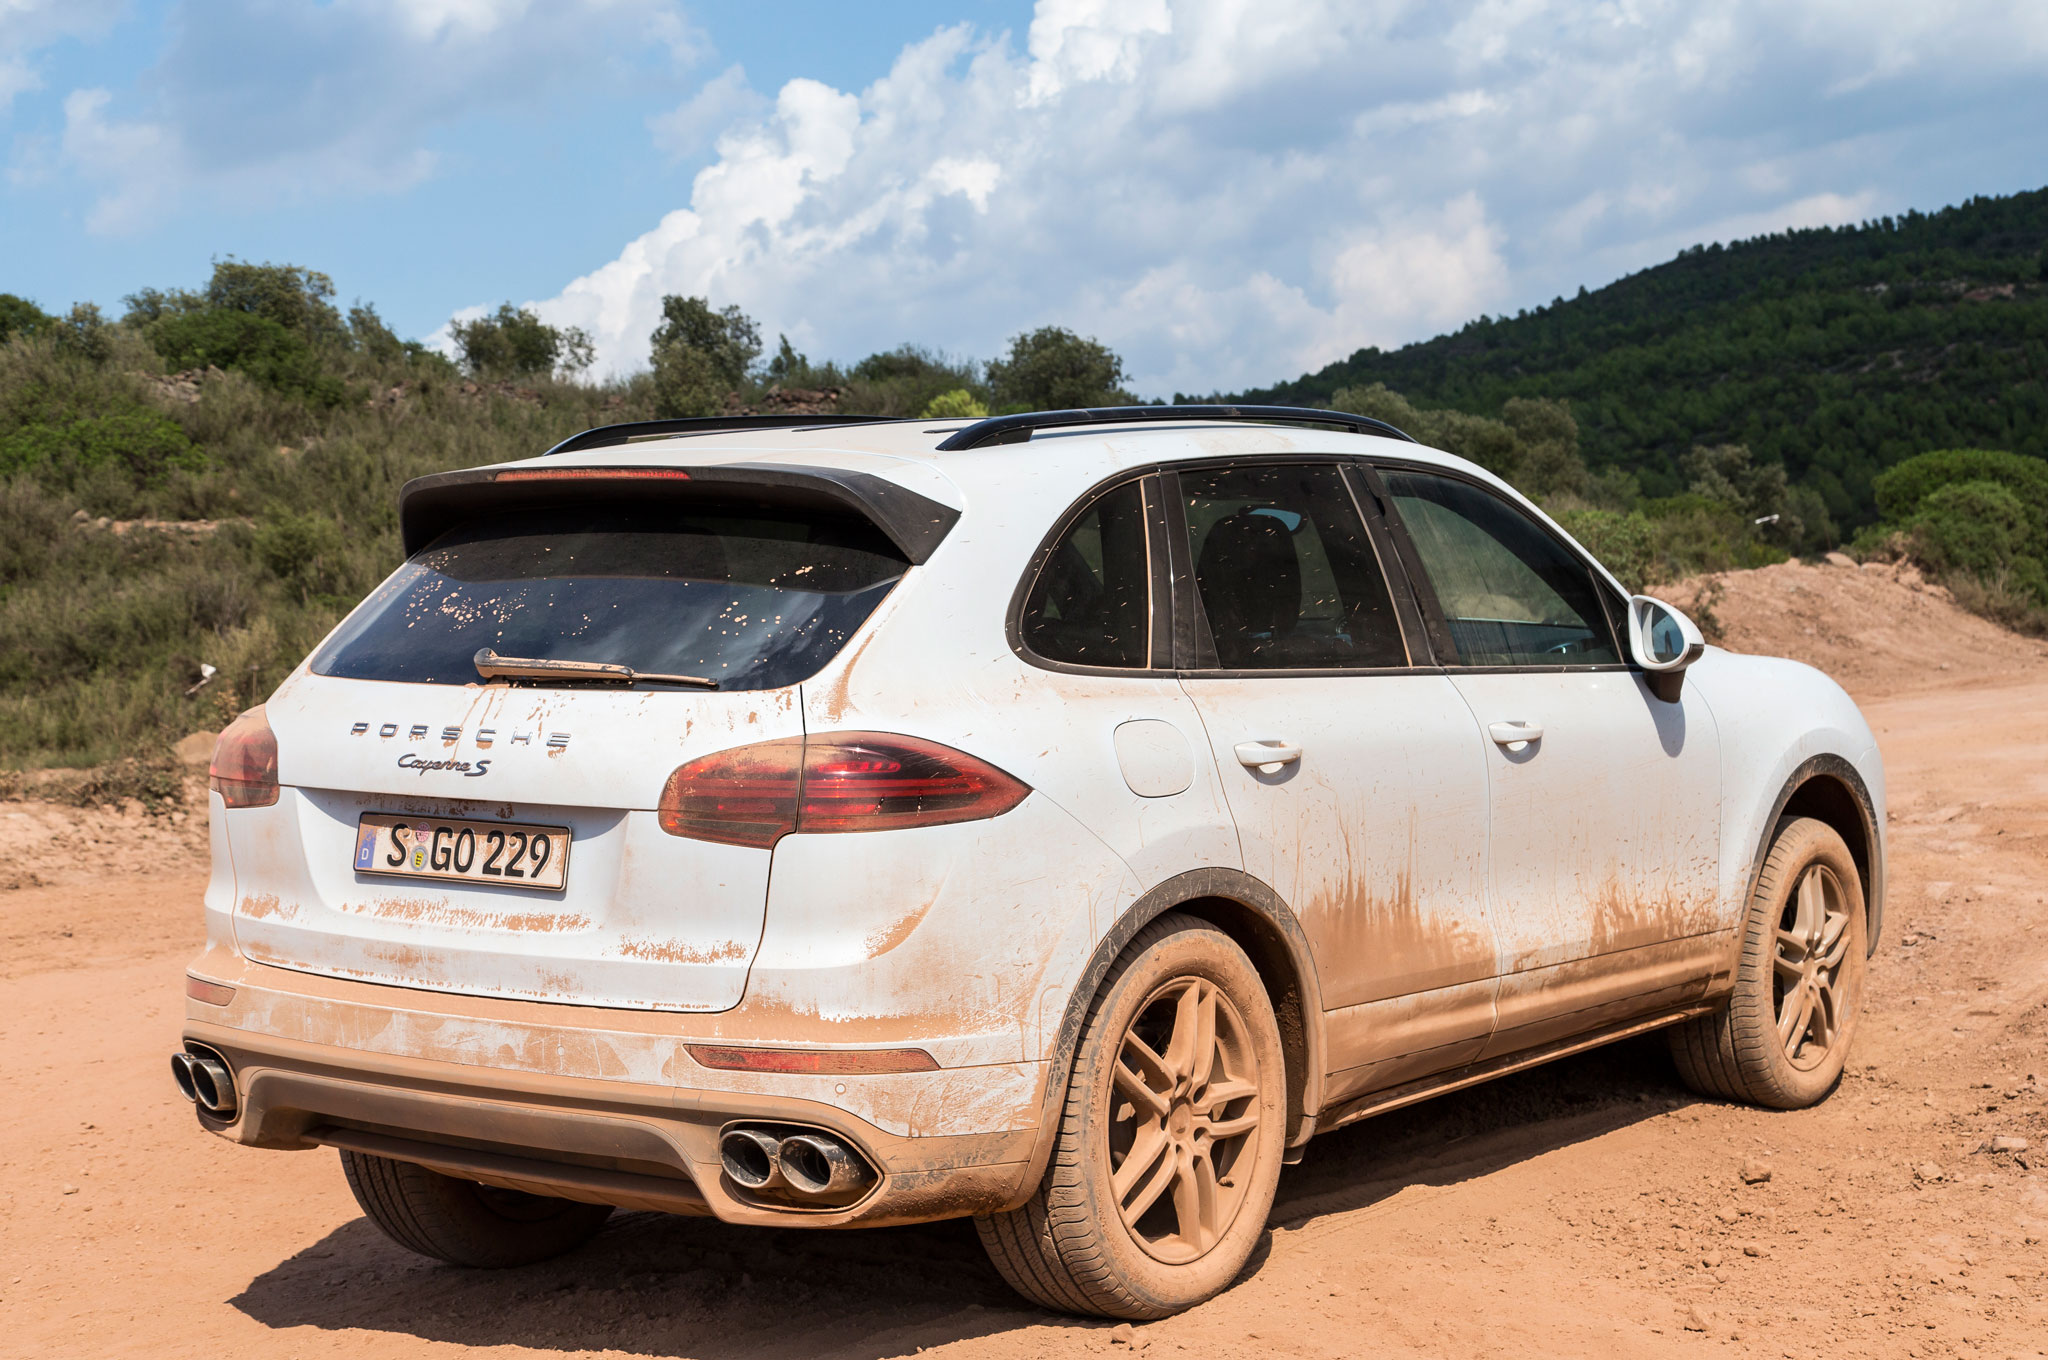 2015 porsche cayenne s with mud splatter 4